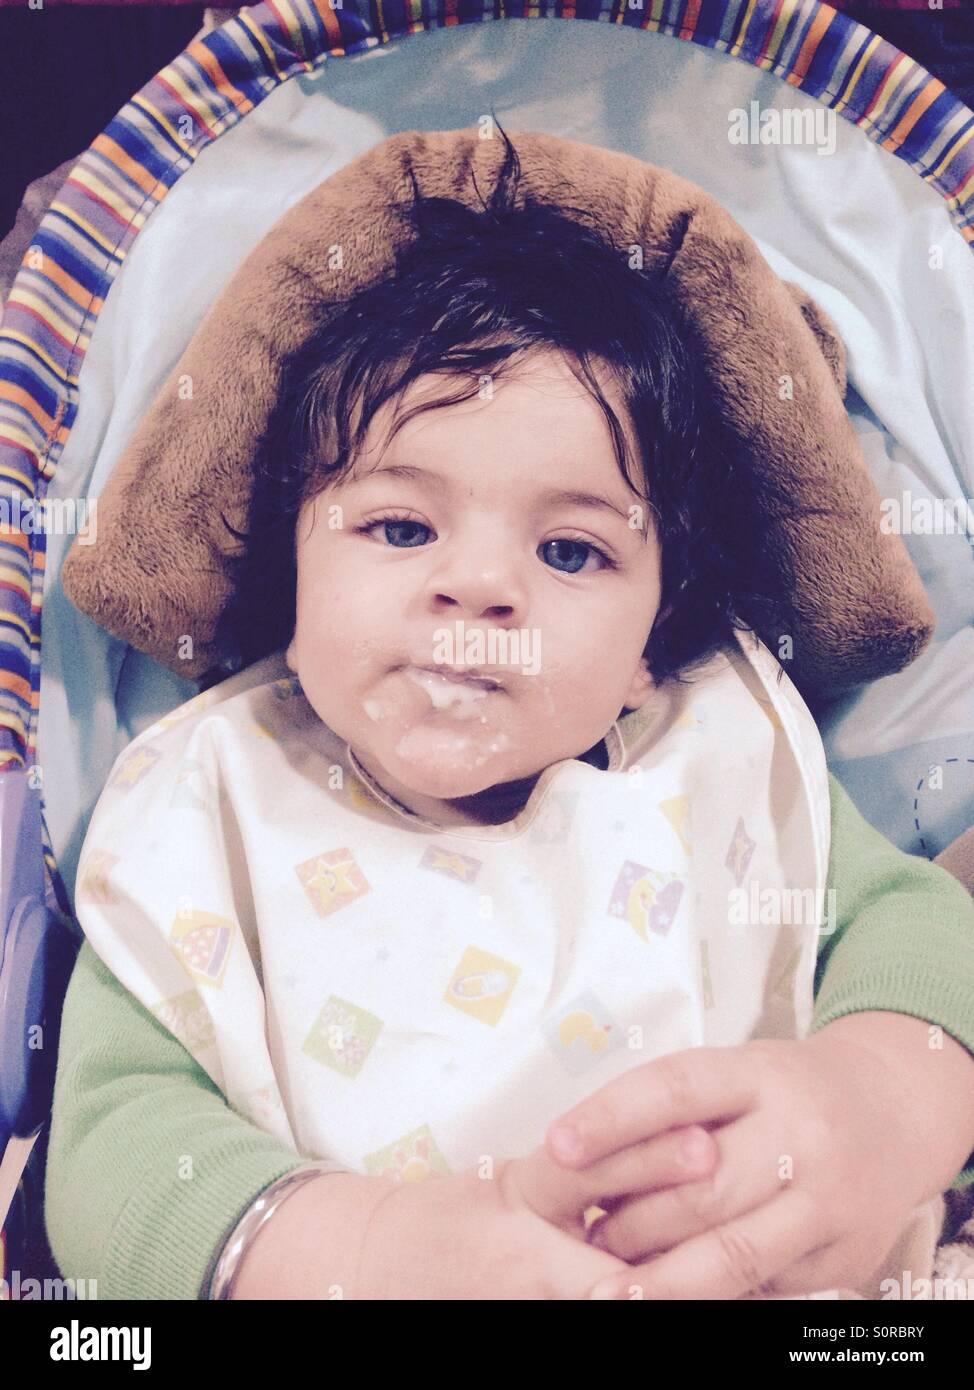 Baby boy dopo aver mangiato il suo primo momento di cereali. Immagini Stock